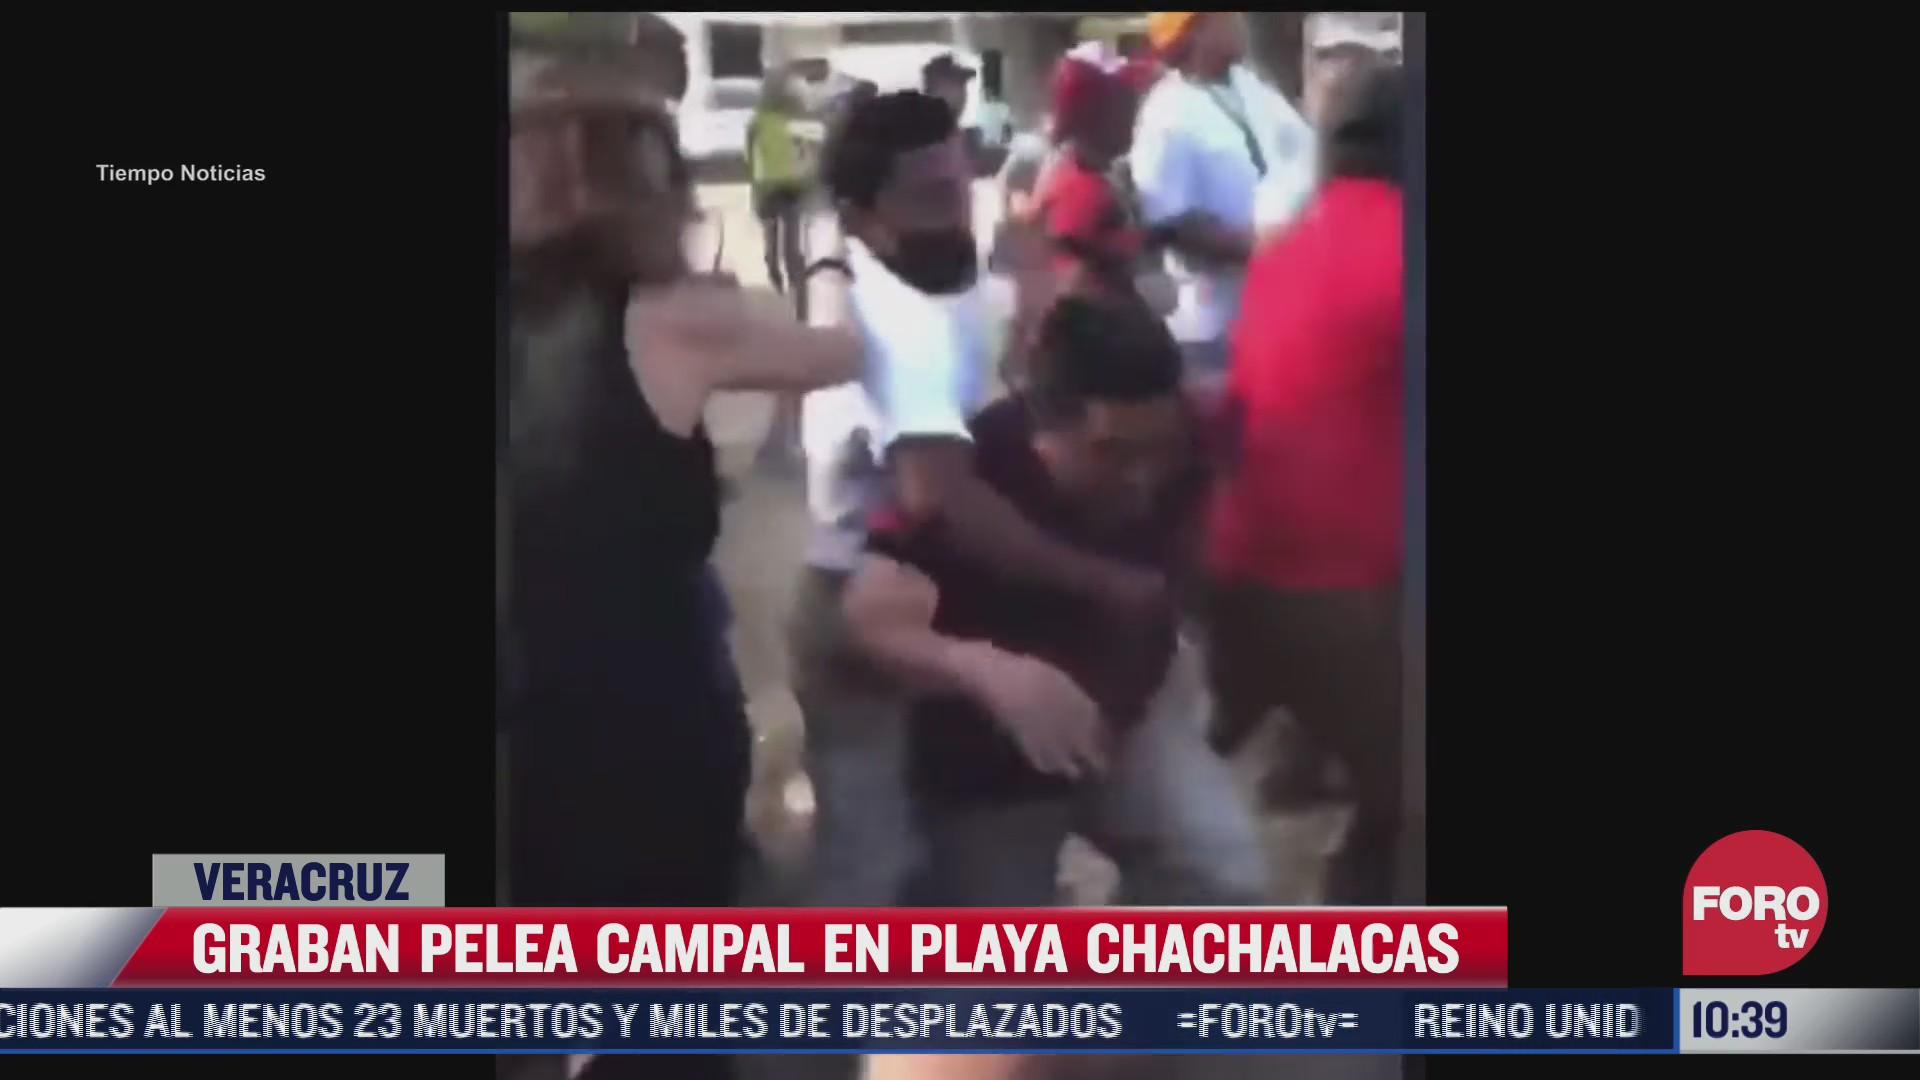 graban pelea campal en playa chachalacas veracruz